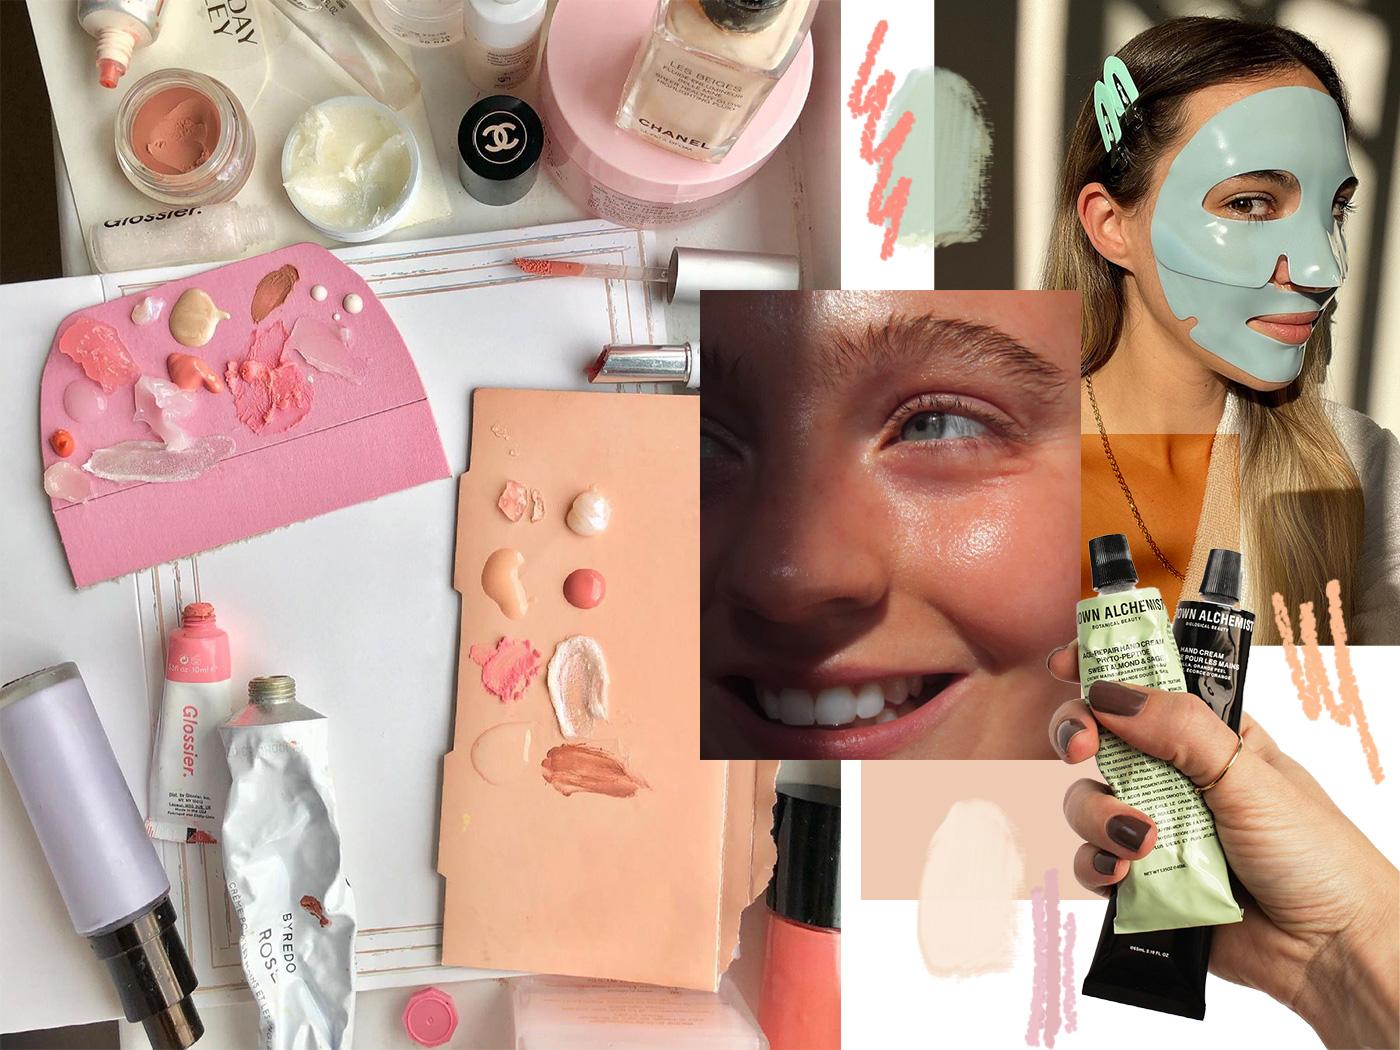 Αυτοί είναι οι πέντε beauty λογαριασμοί στο instagram που τσεκάρουμε φανατικά κάθε πρωί!